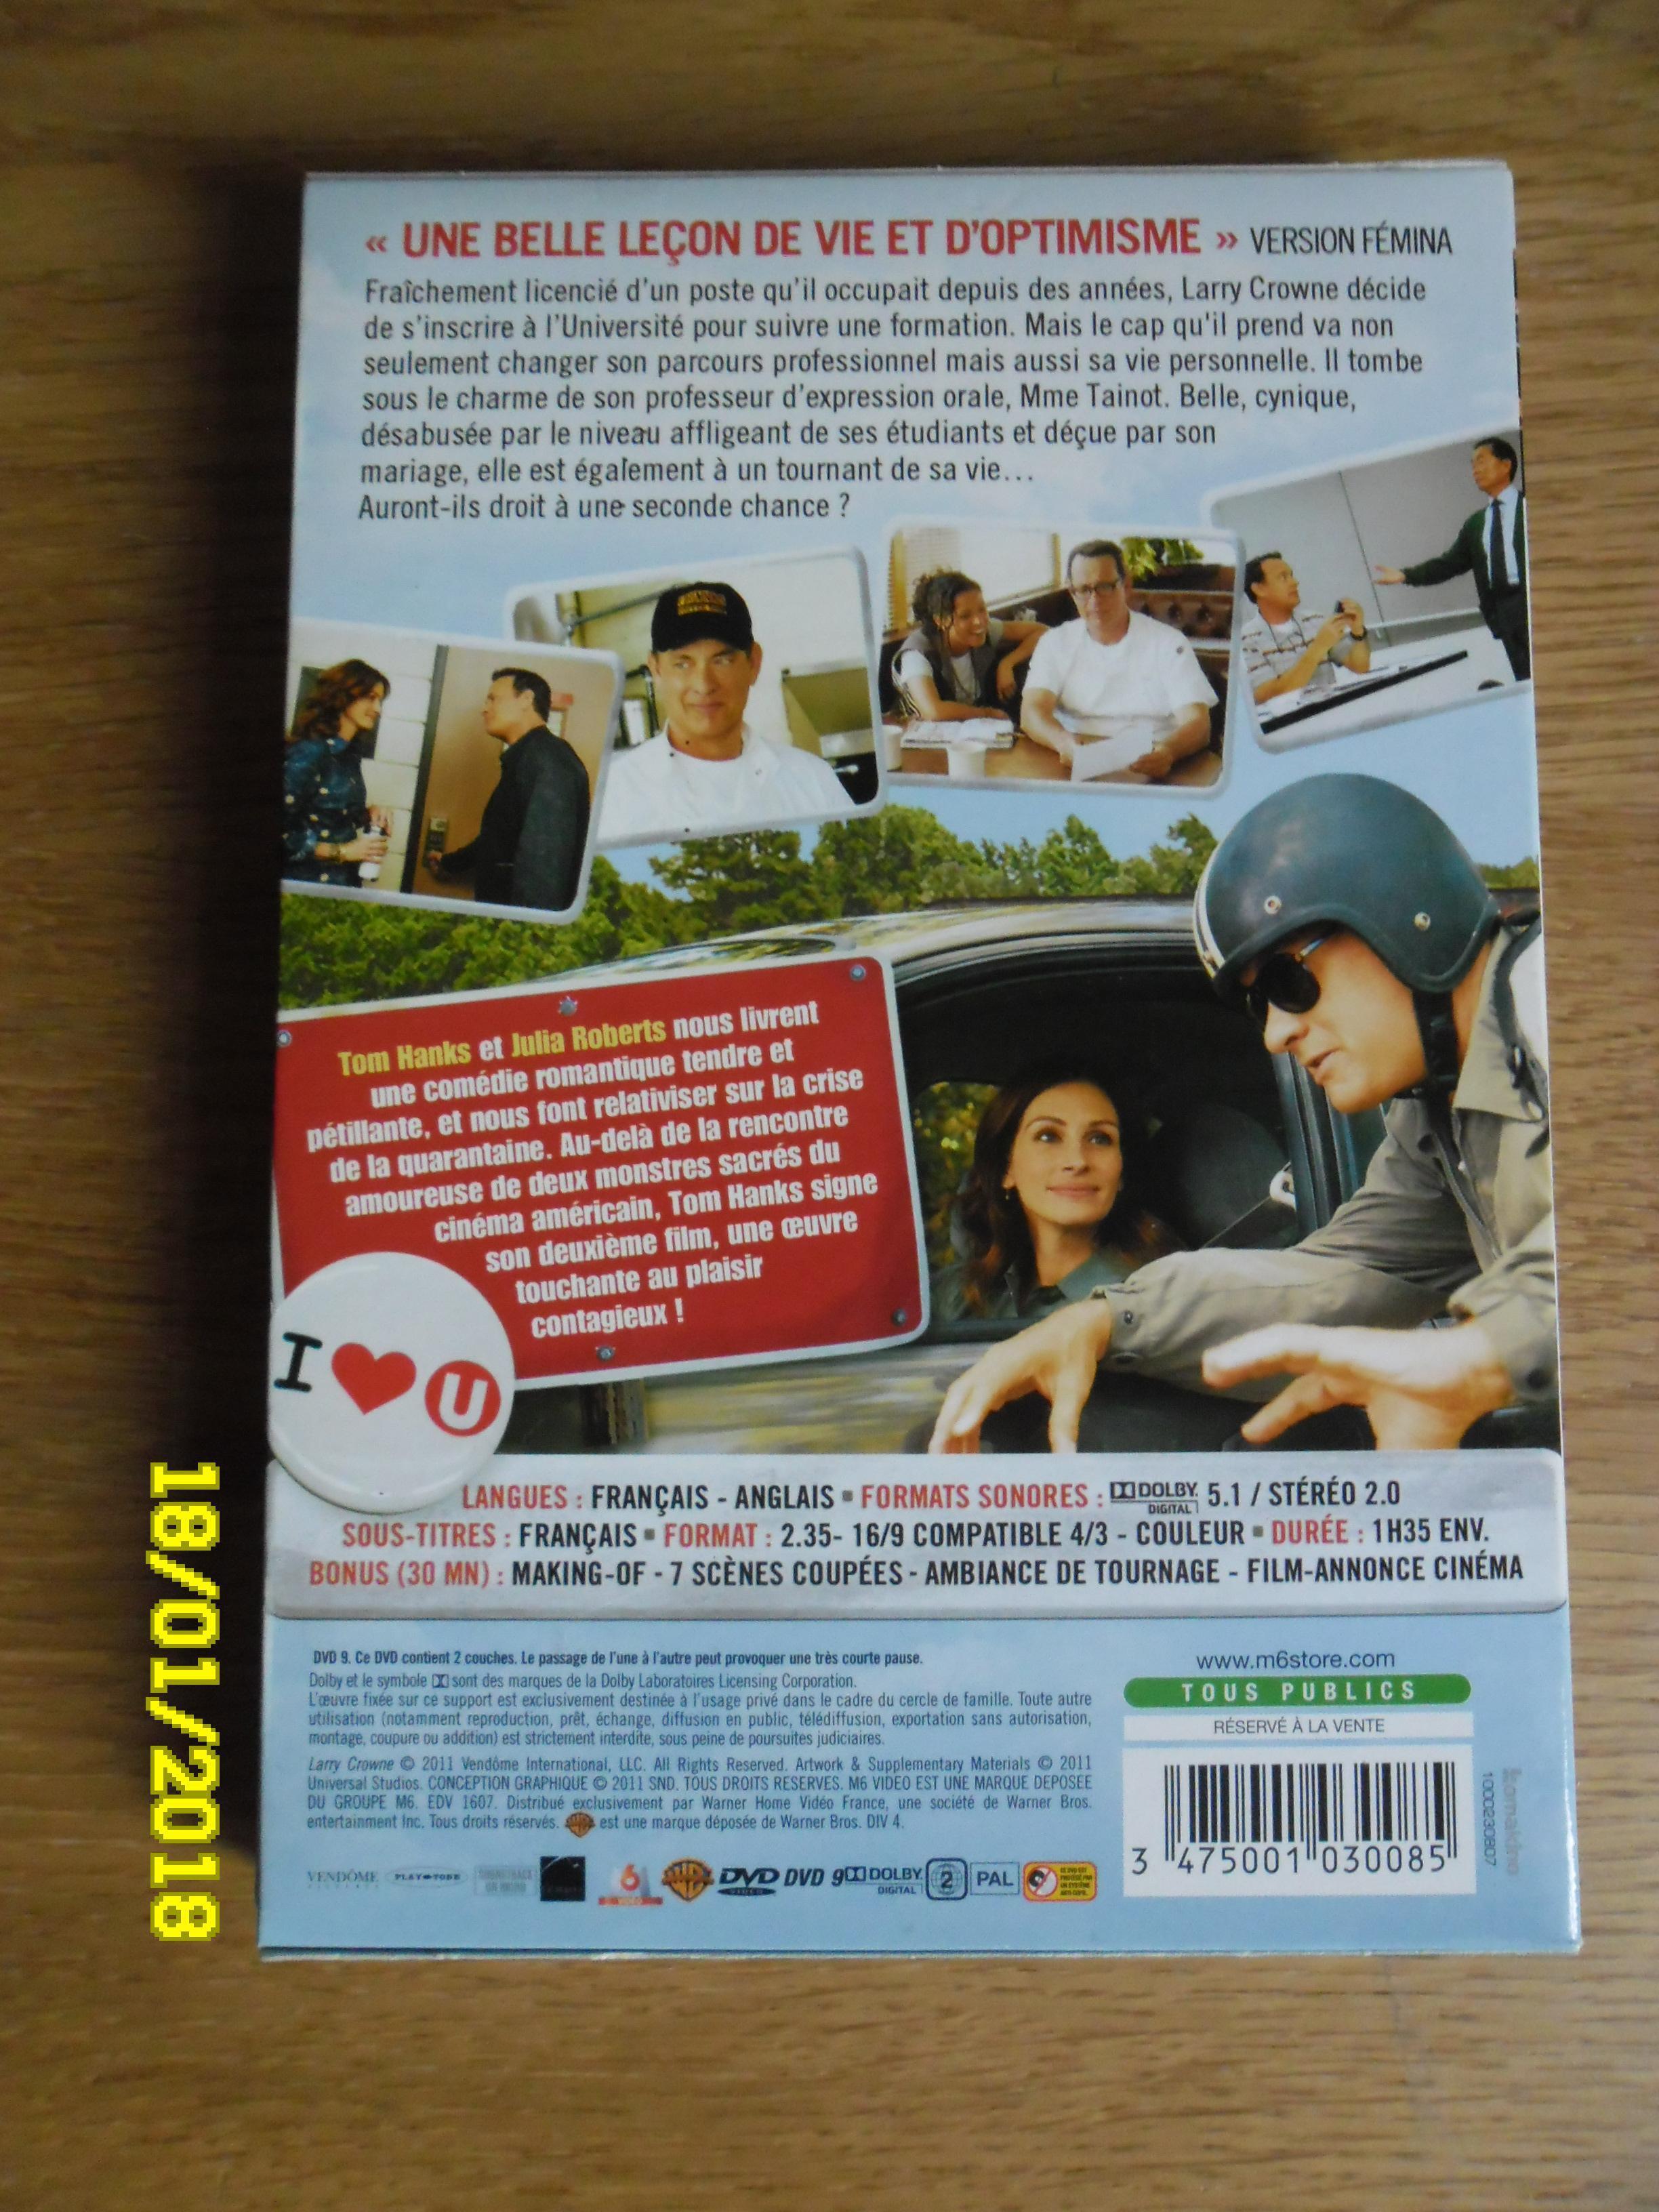 troc de troc dvd il n'est jamais trop tard image 1